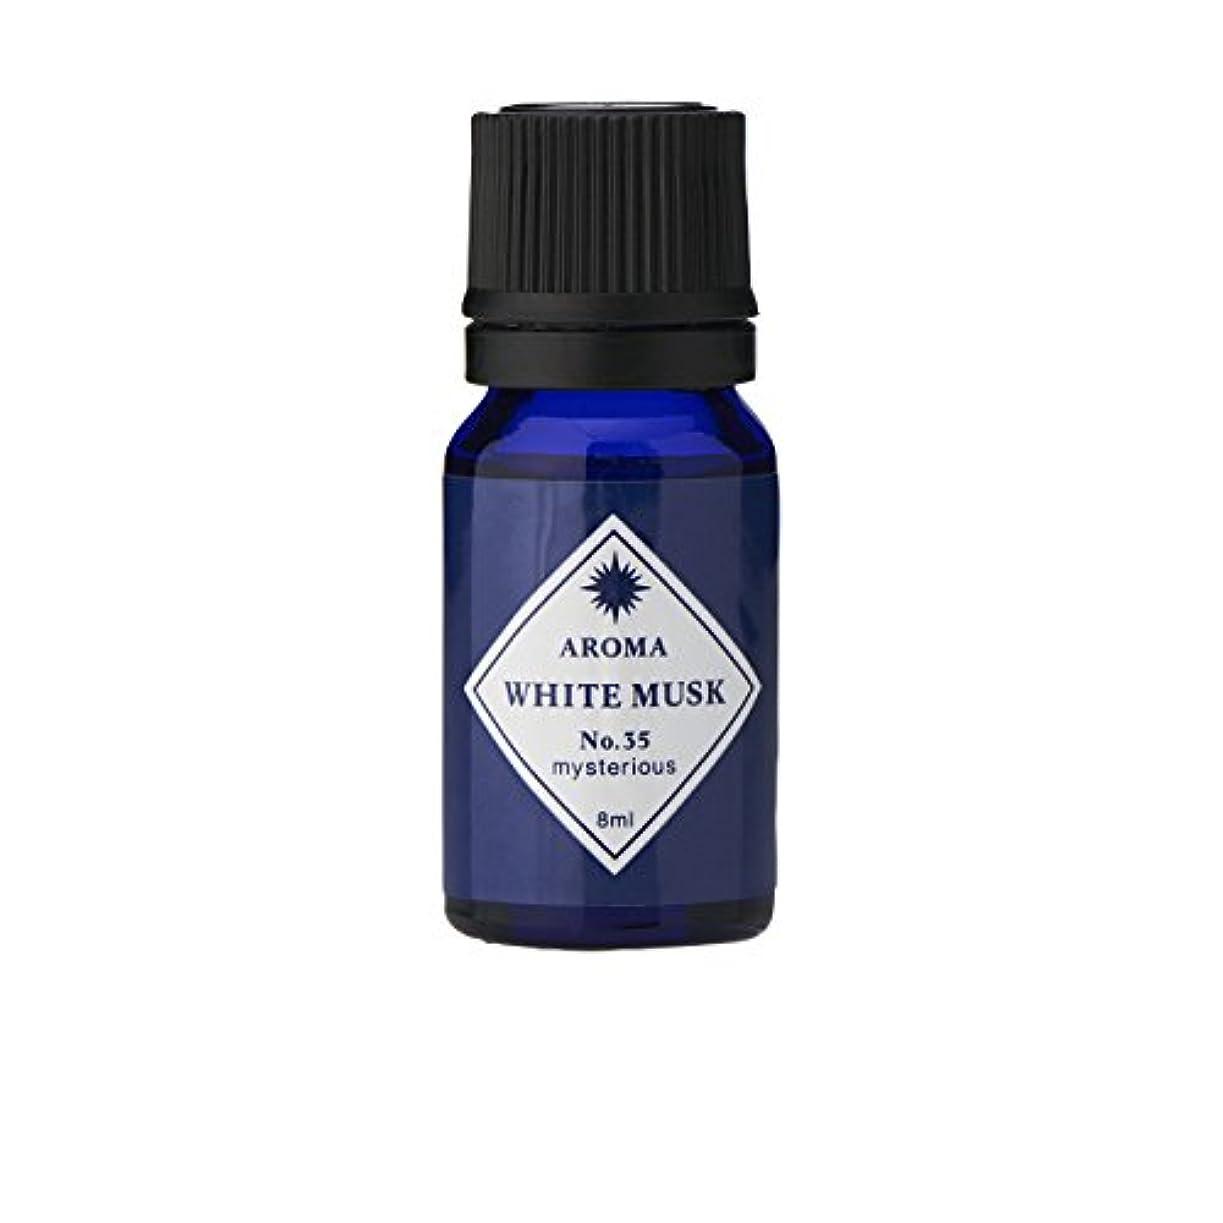 活力収容するカリキュラムブルーラベル アロマエッセンス8ml ホワイトムスク(アロマオイル 調合香料 芳香用 魅惑的で洗練された万人に好まれる香り)